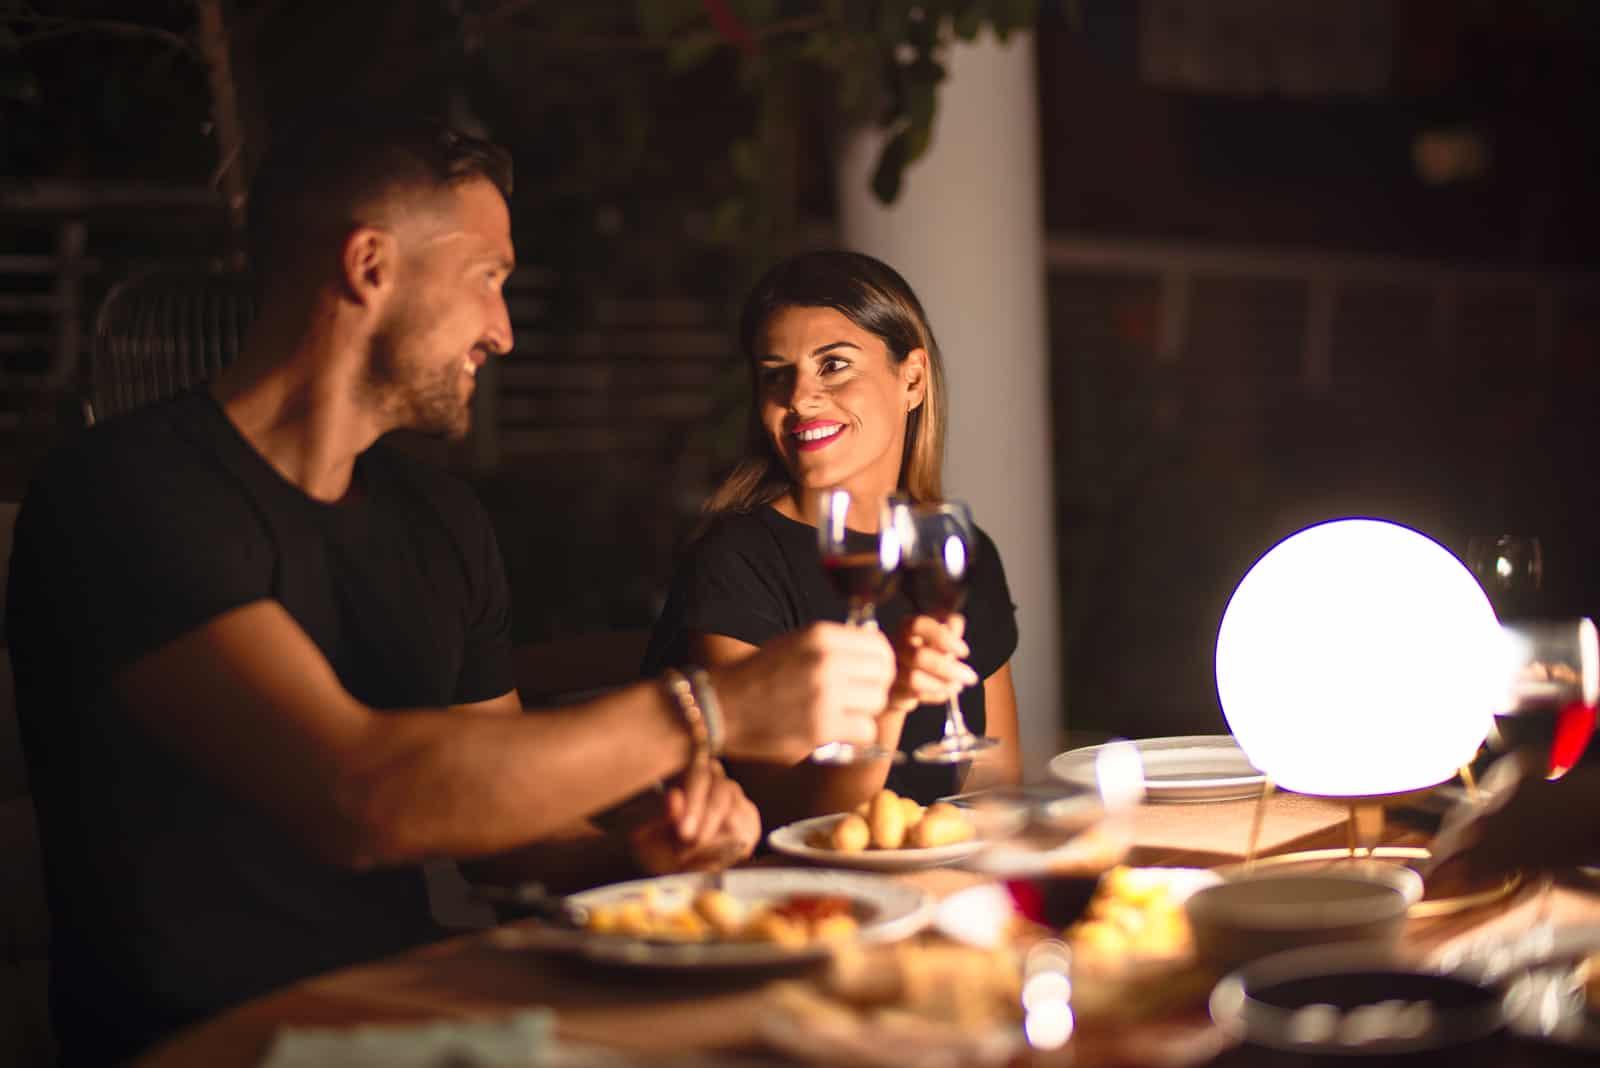 loving couple in a restaurant for dinner